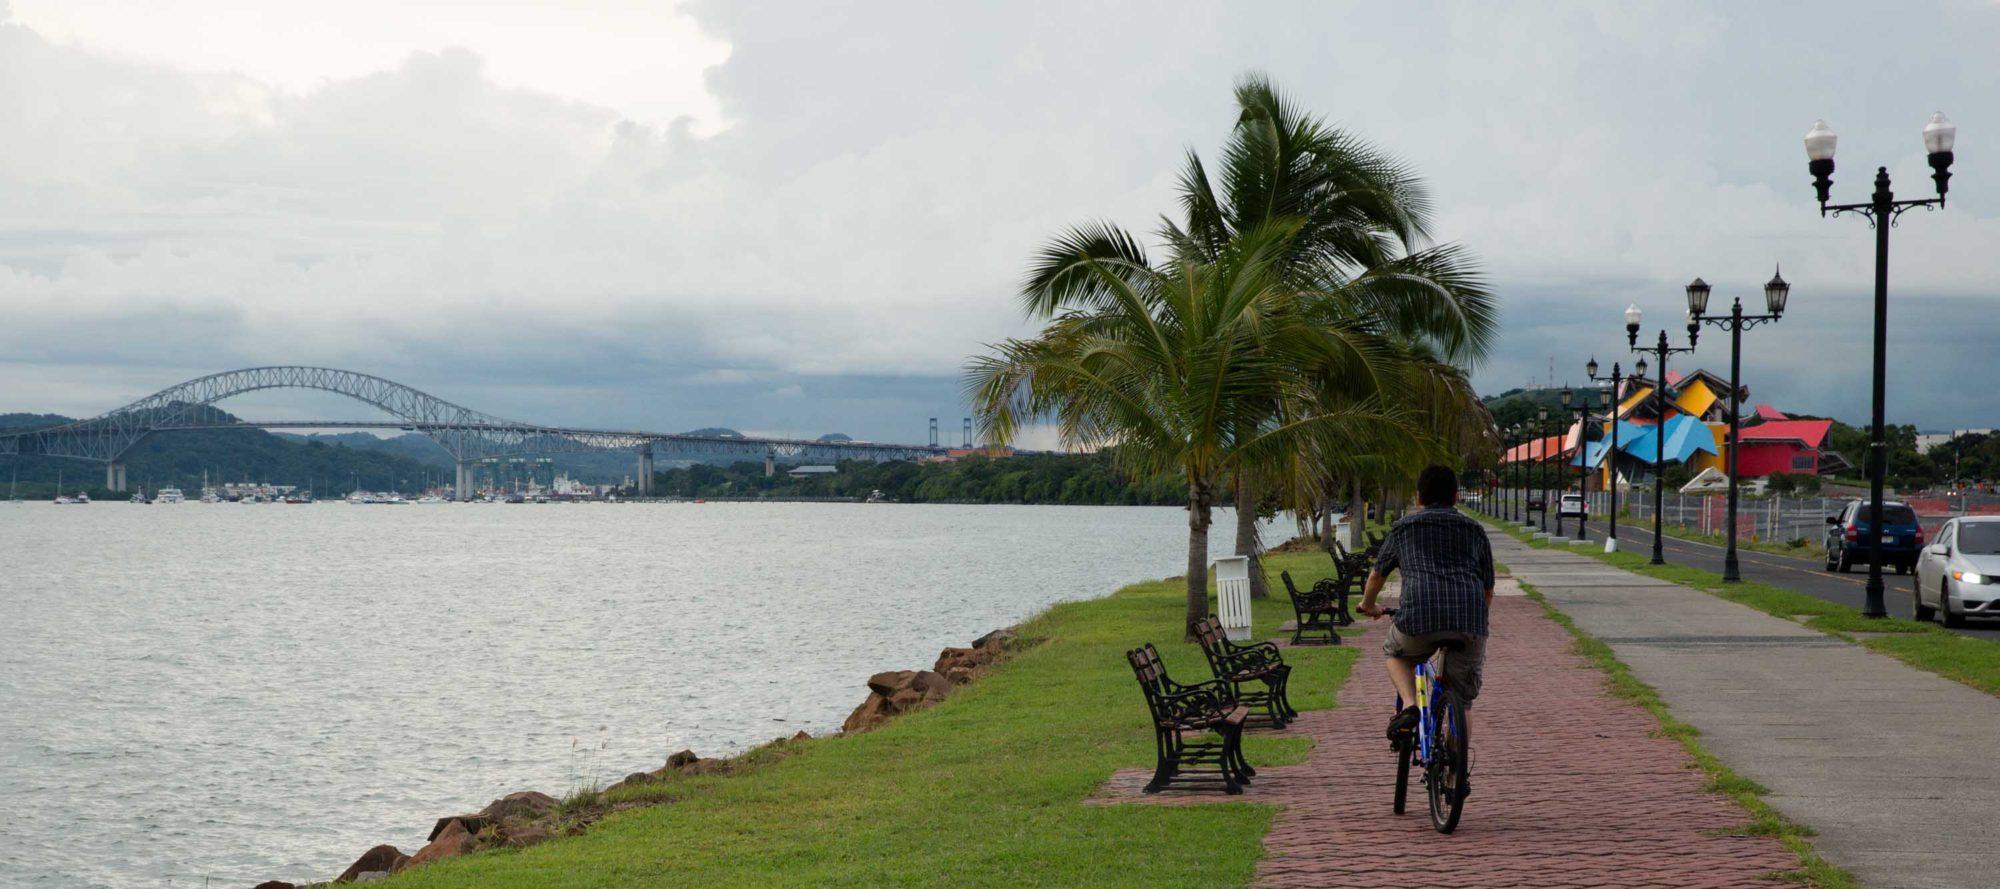 Amador Causeway, Panama Canal